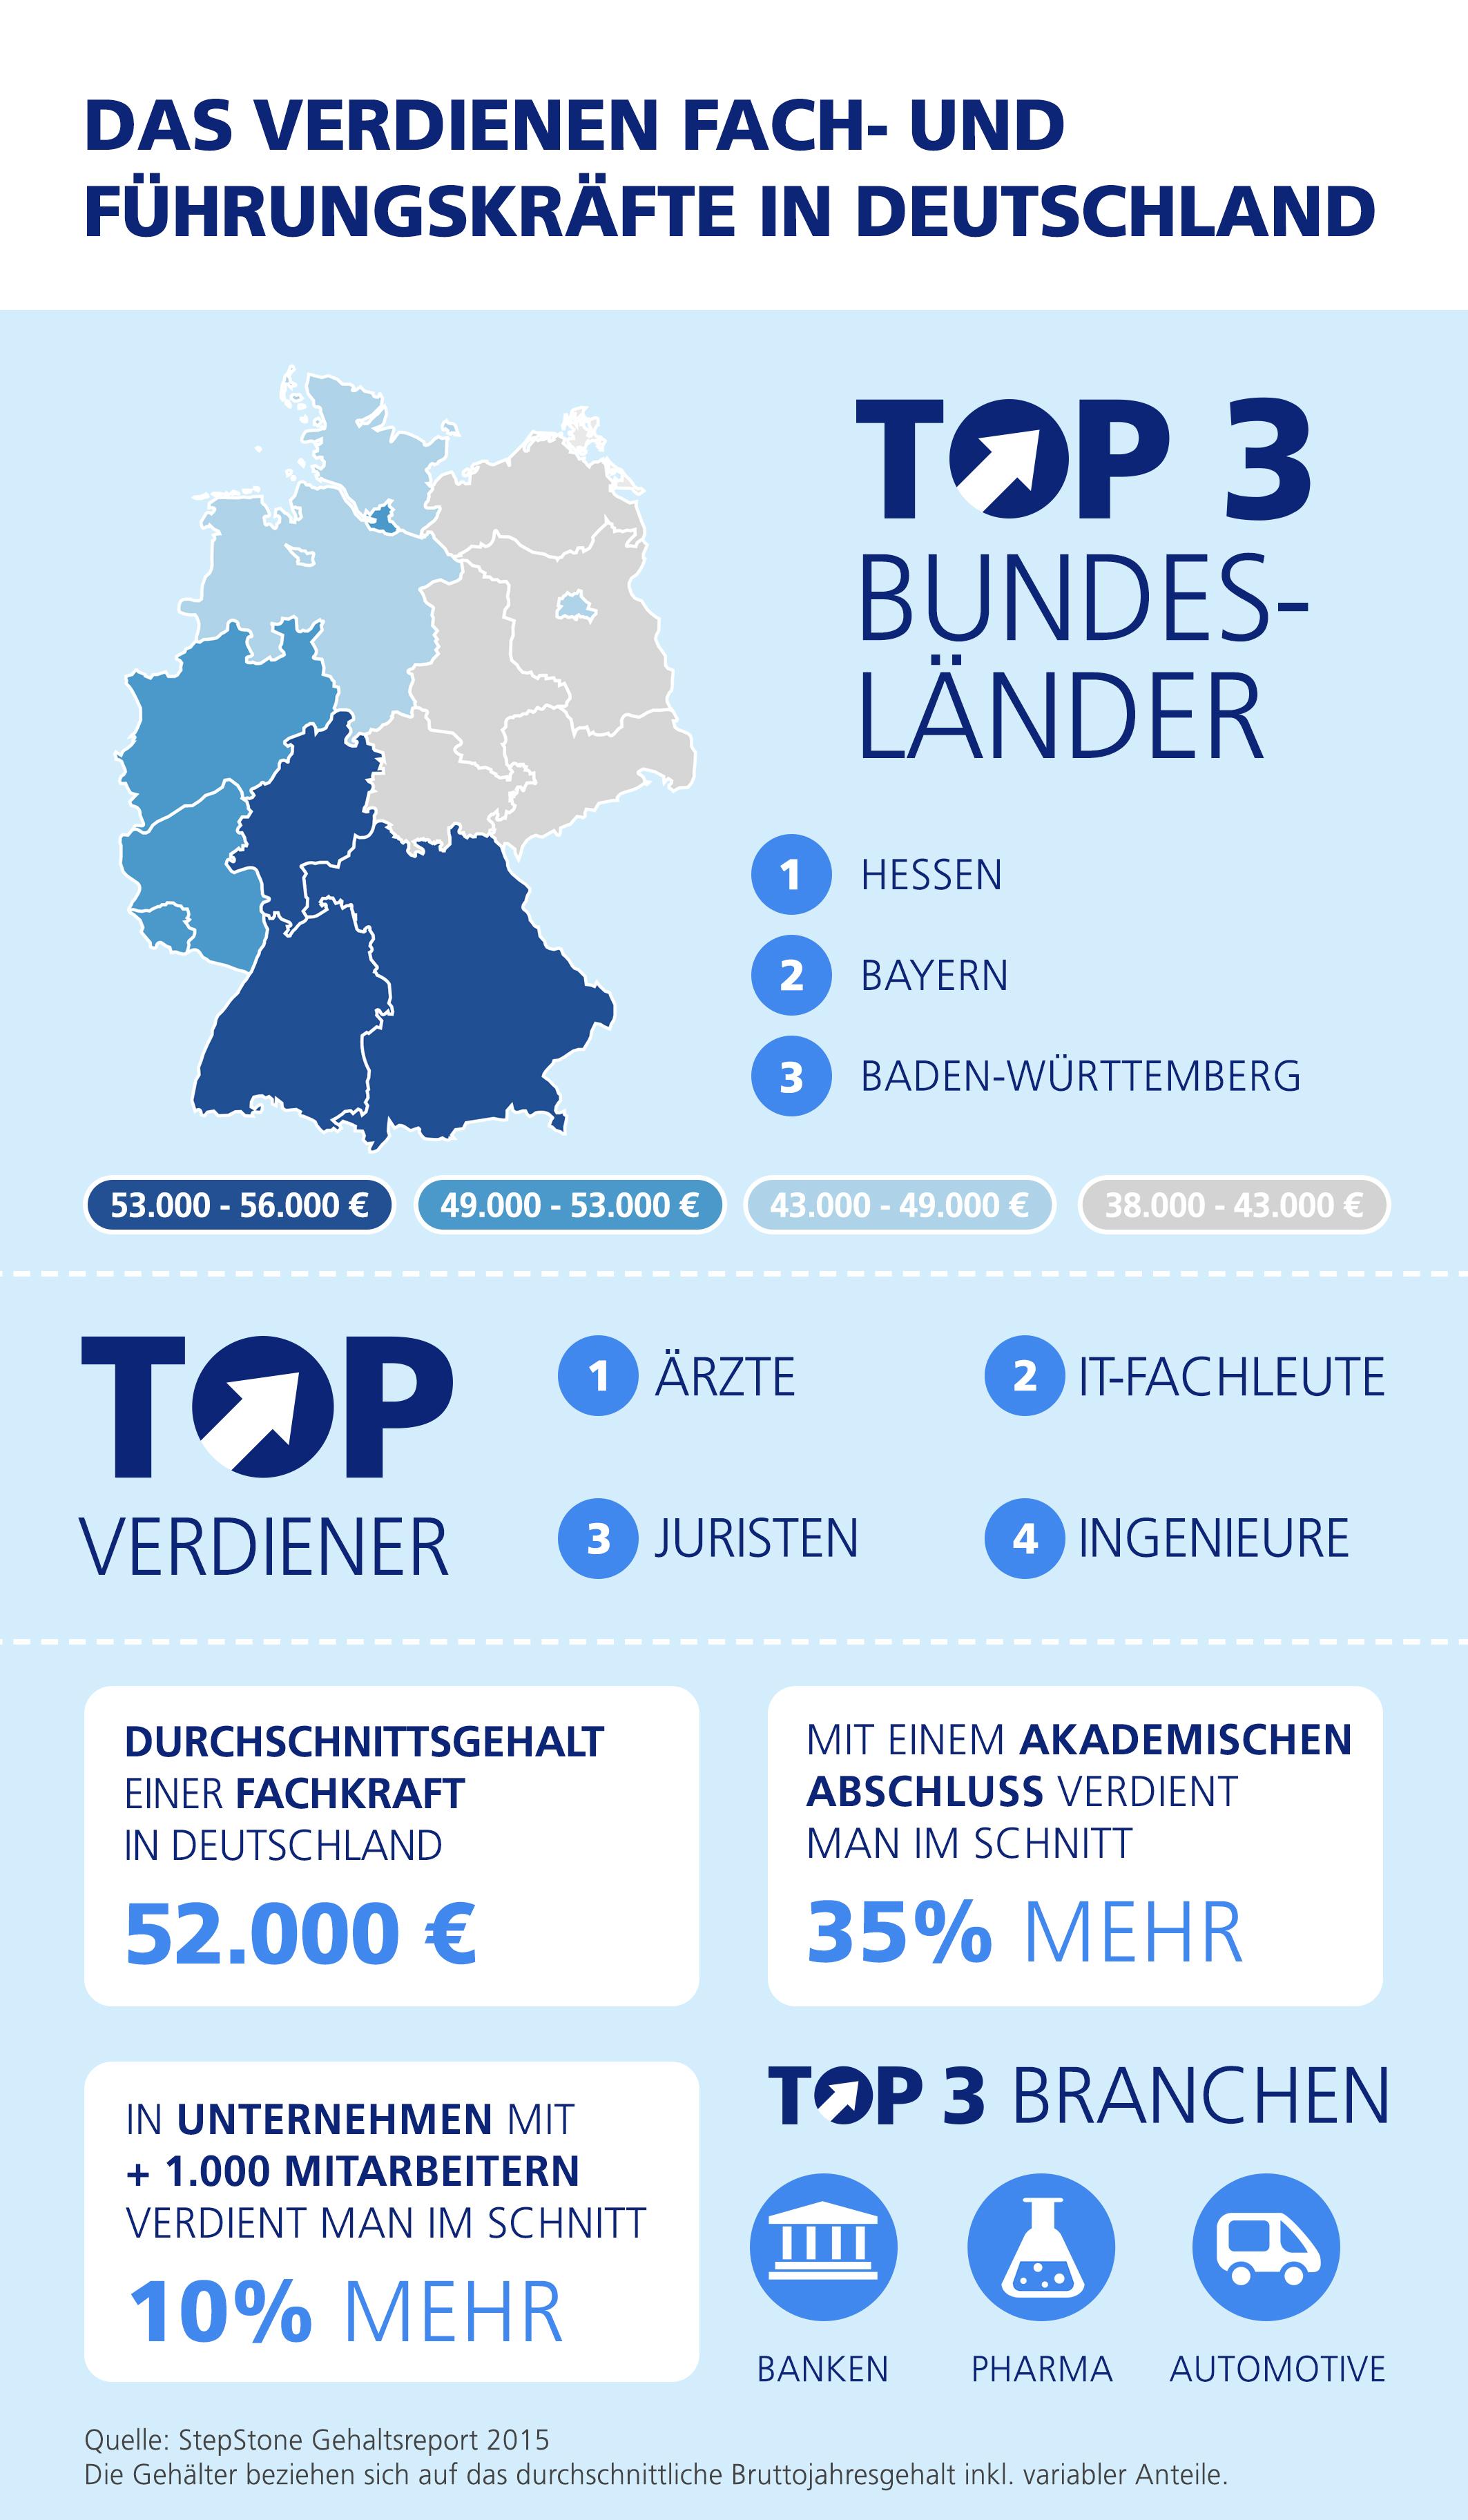 Das verdienen Deutschlands Fach- und Führungskräfte